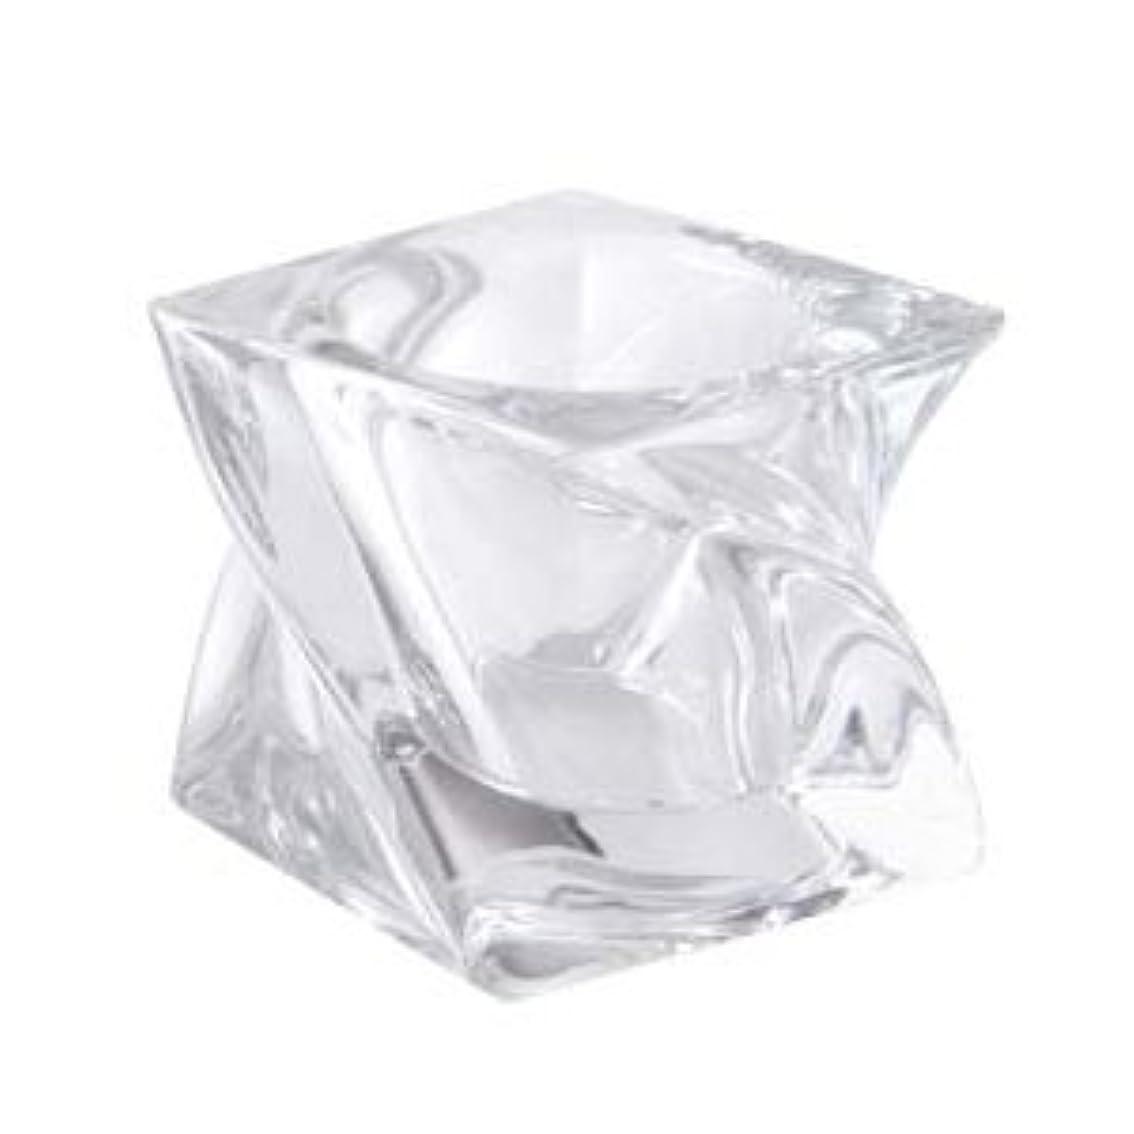 ふさわしいテーブル頻繁にキャンドルグラス スクエアツイスト